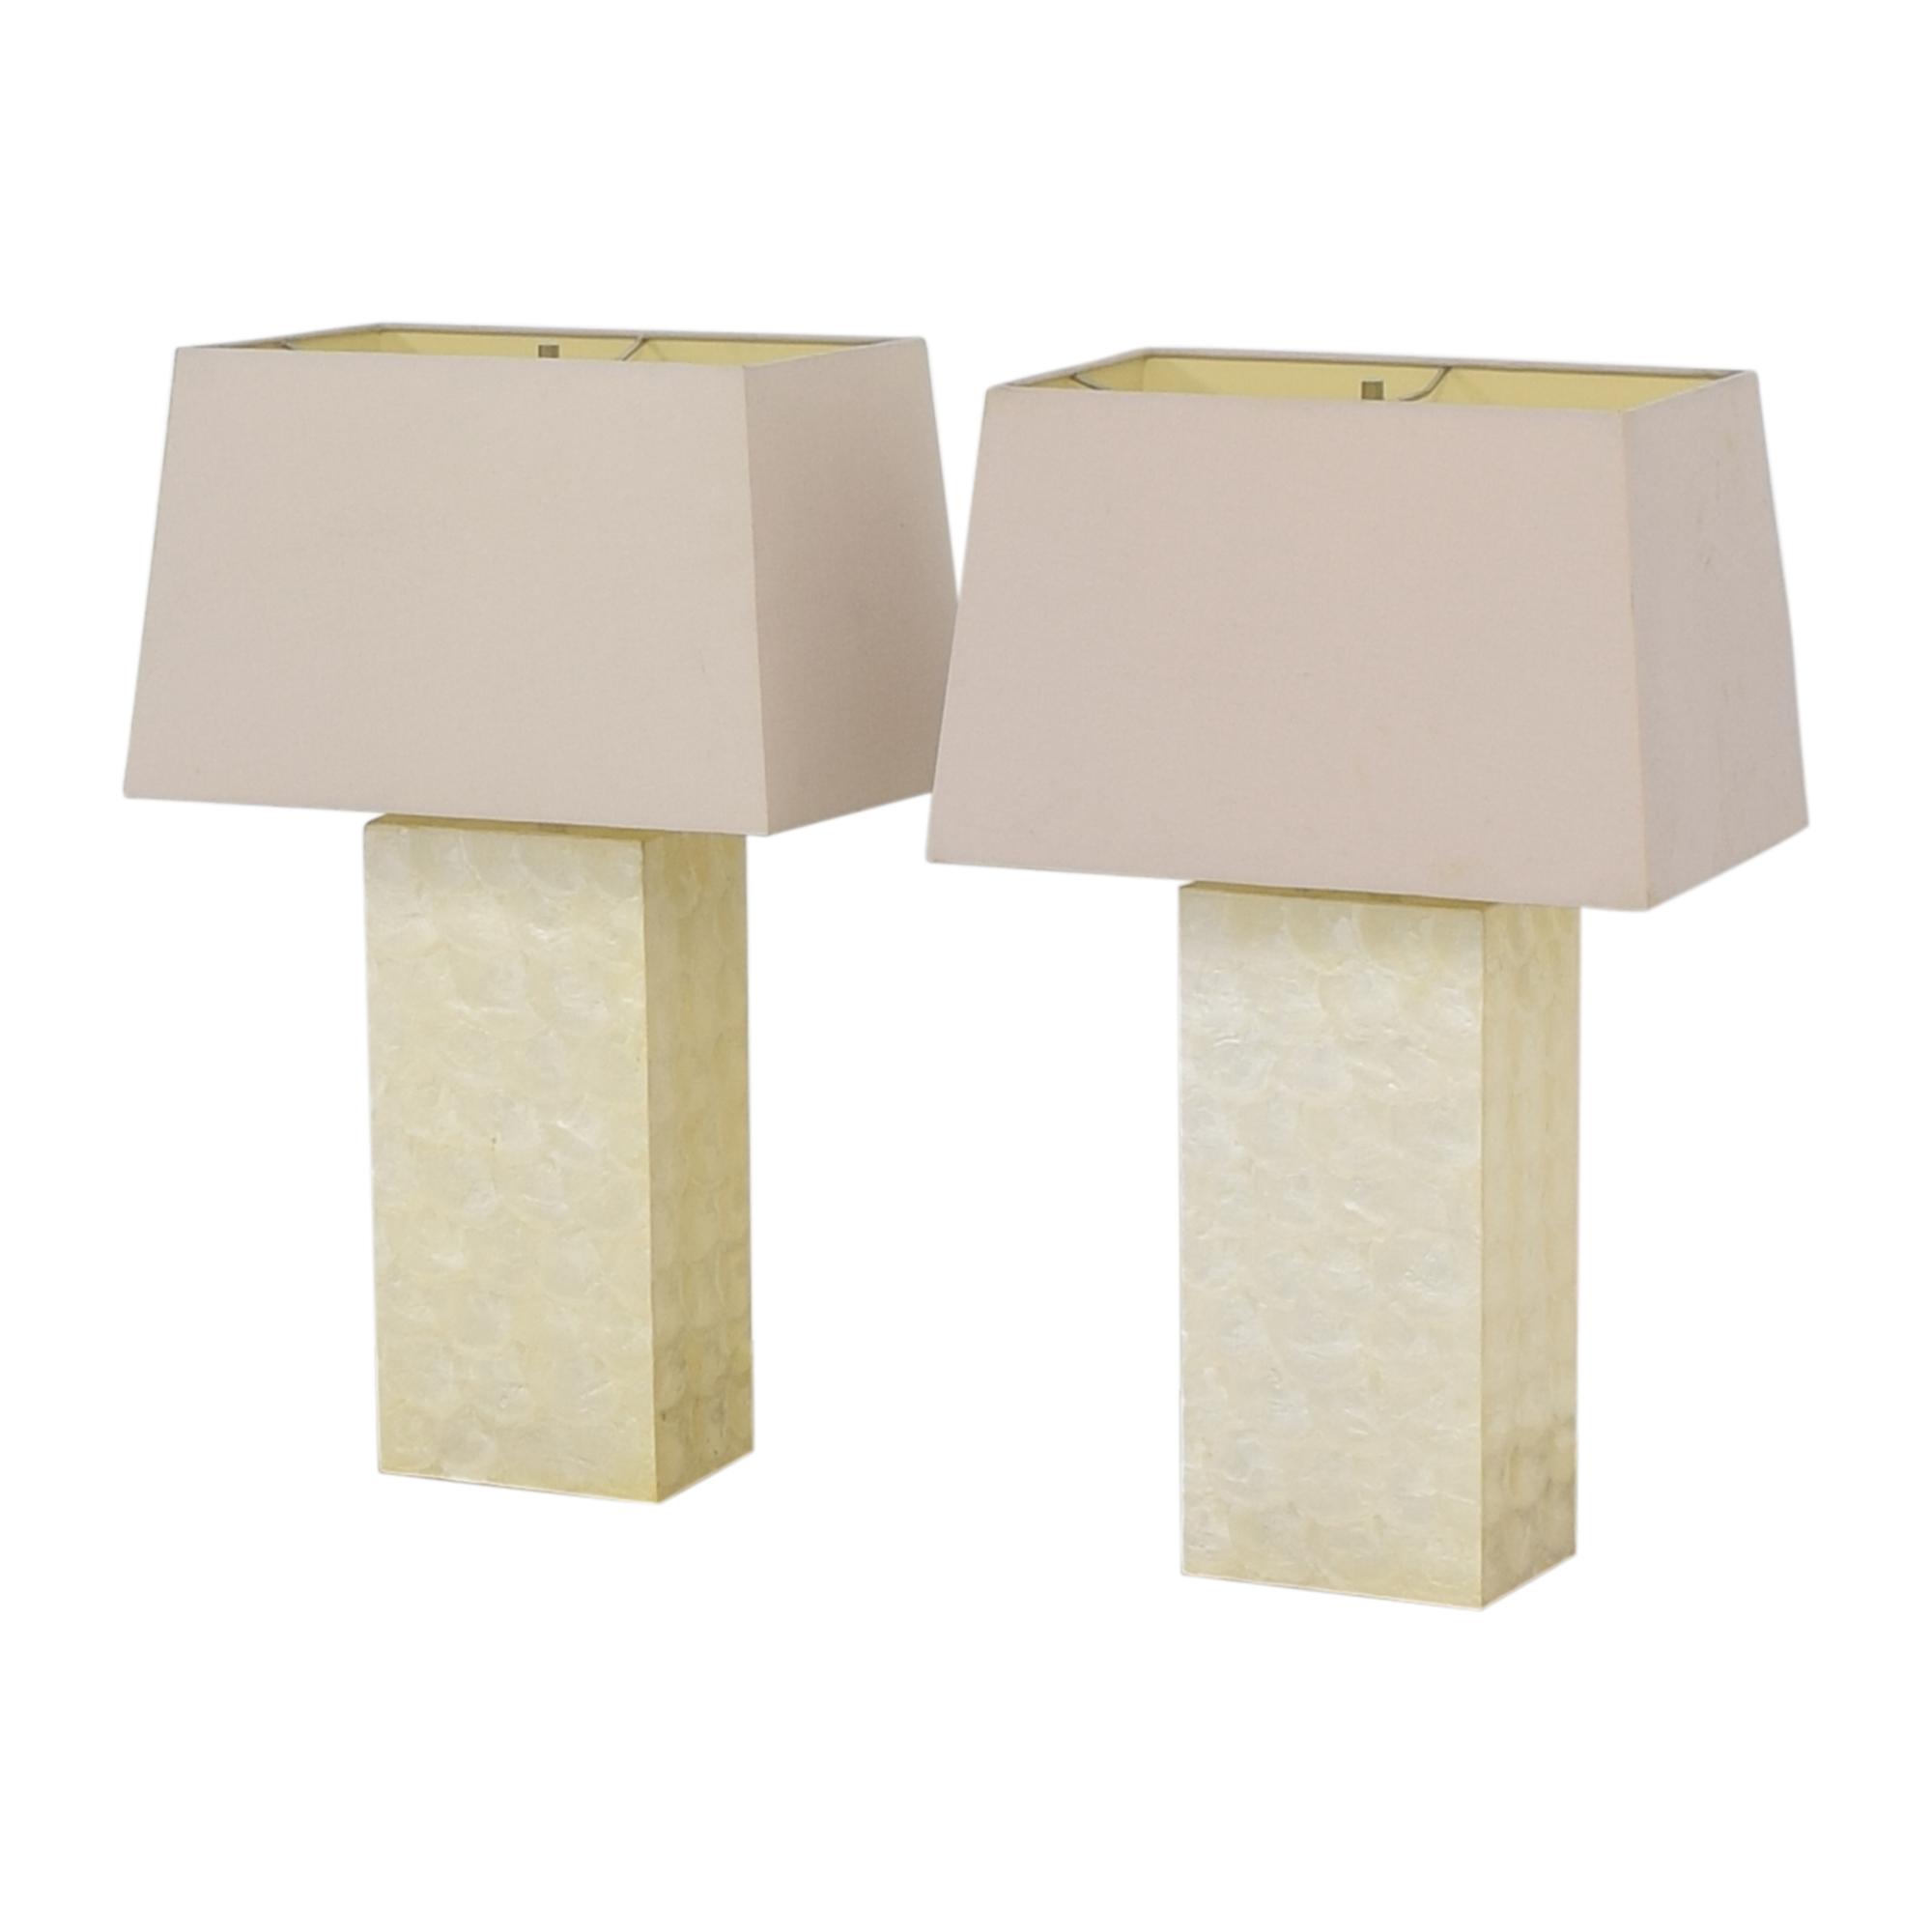 West Elm West Elm Capiz Block Table Lamps nj